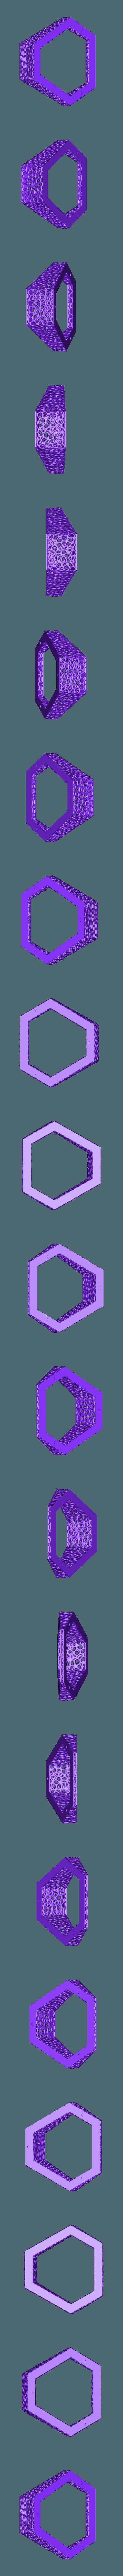 Part Voronoi.stl Télécharger fichier STL gratuit Jardinières Mold béton • Modèle pour imprimante 3D, dukedoks